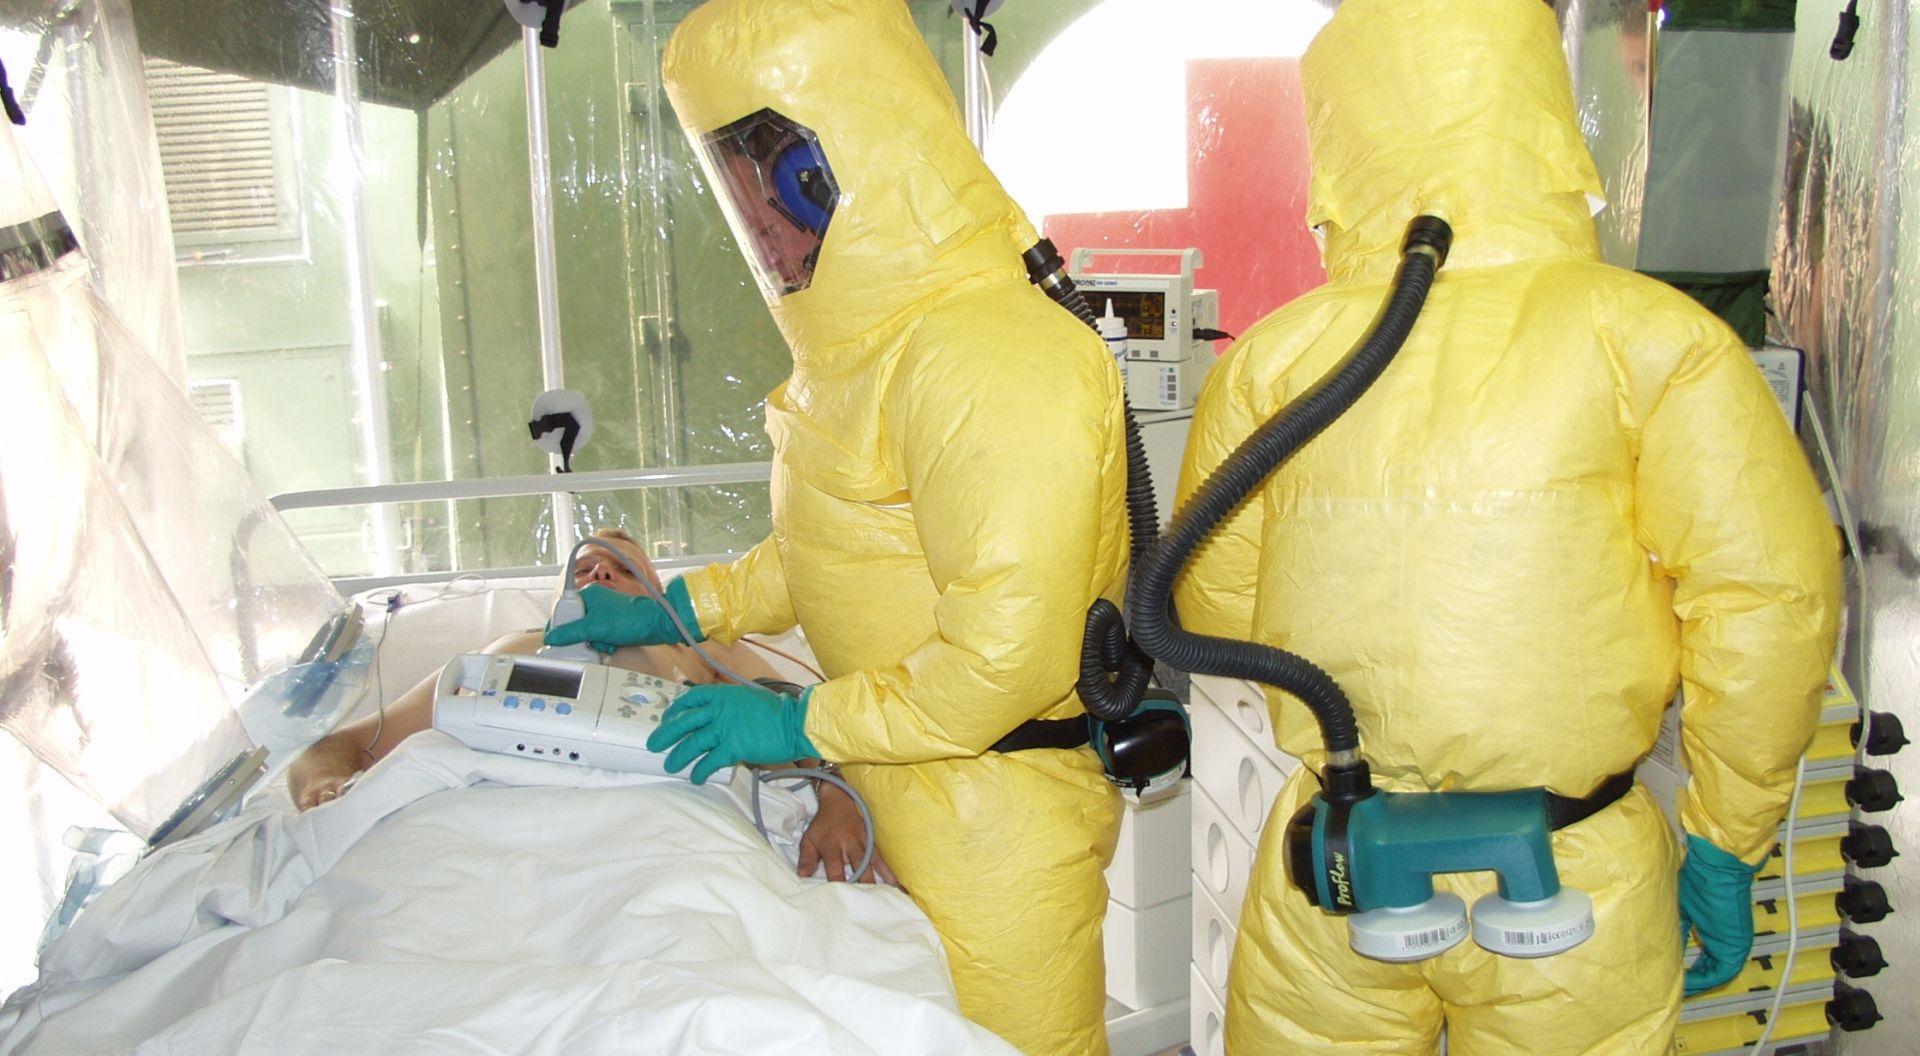 KONAČNO KRAJ Gvineja je službeno proglasila završetak epidemije ebole